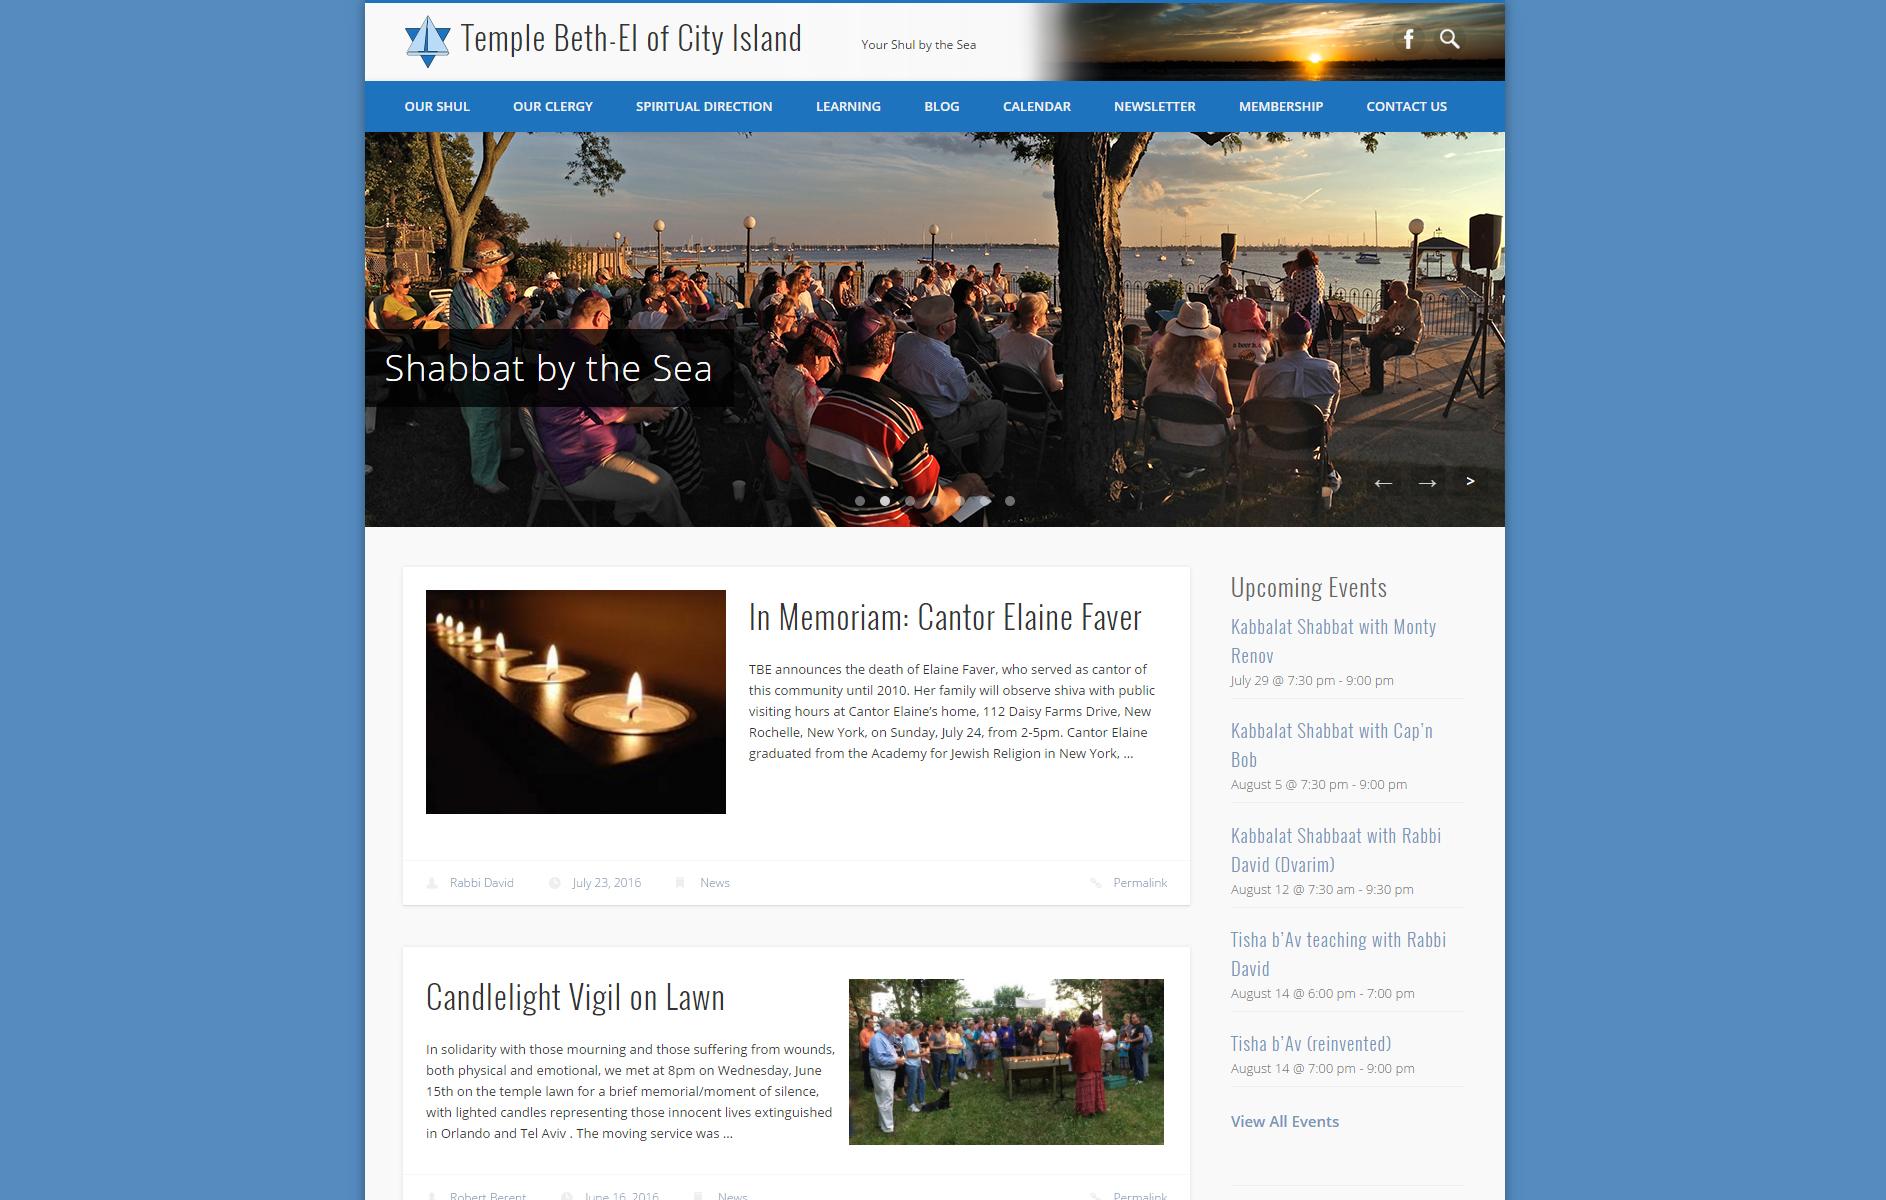 Temple Beth-El of City Island Web Design